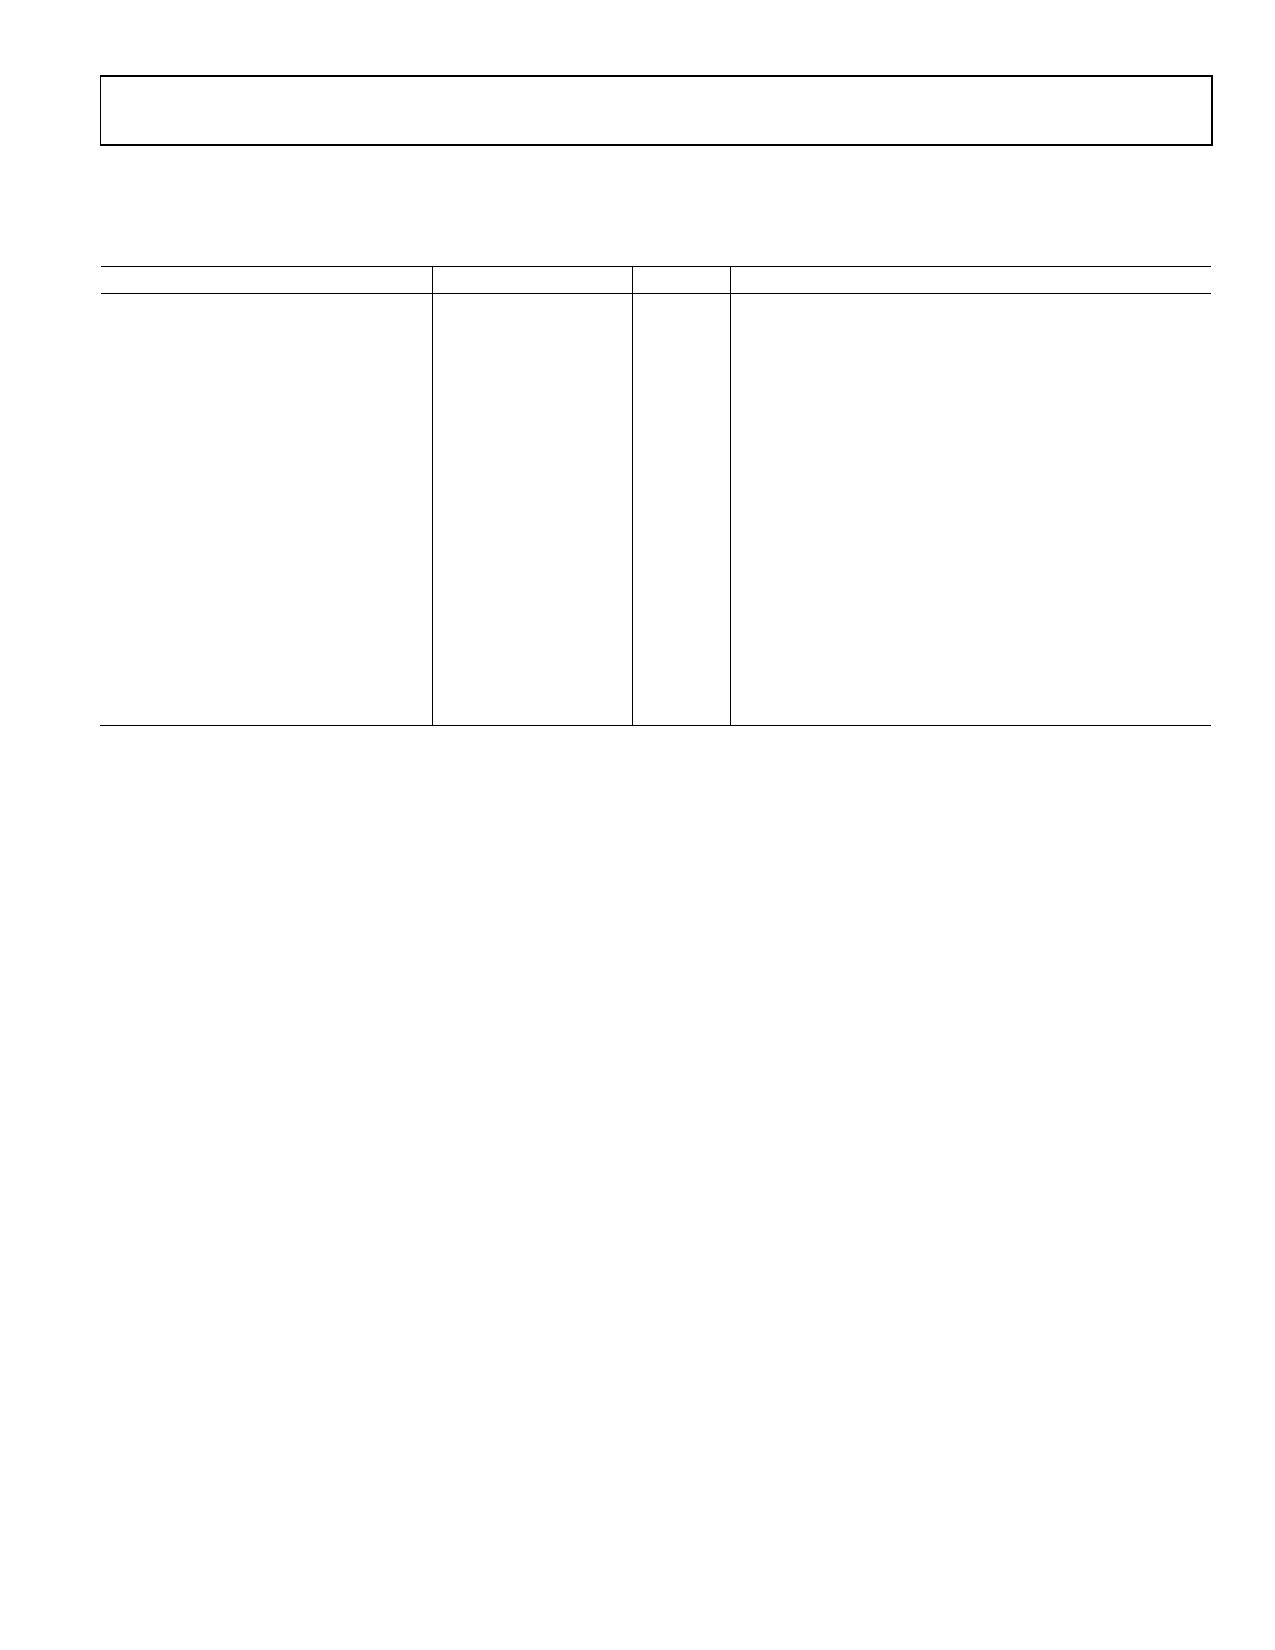 AD5667 pdf